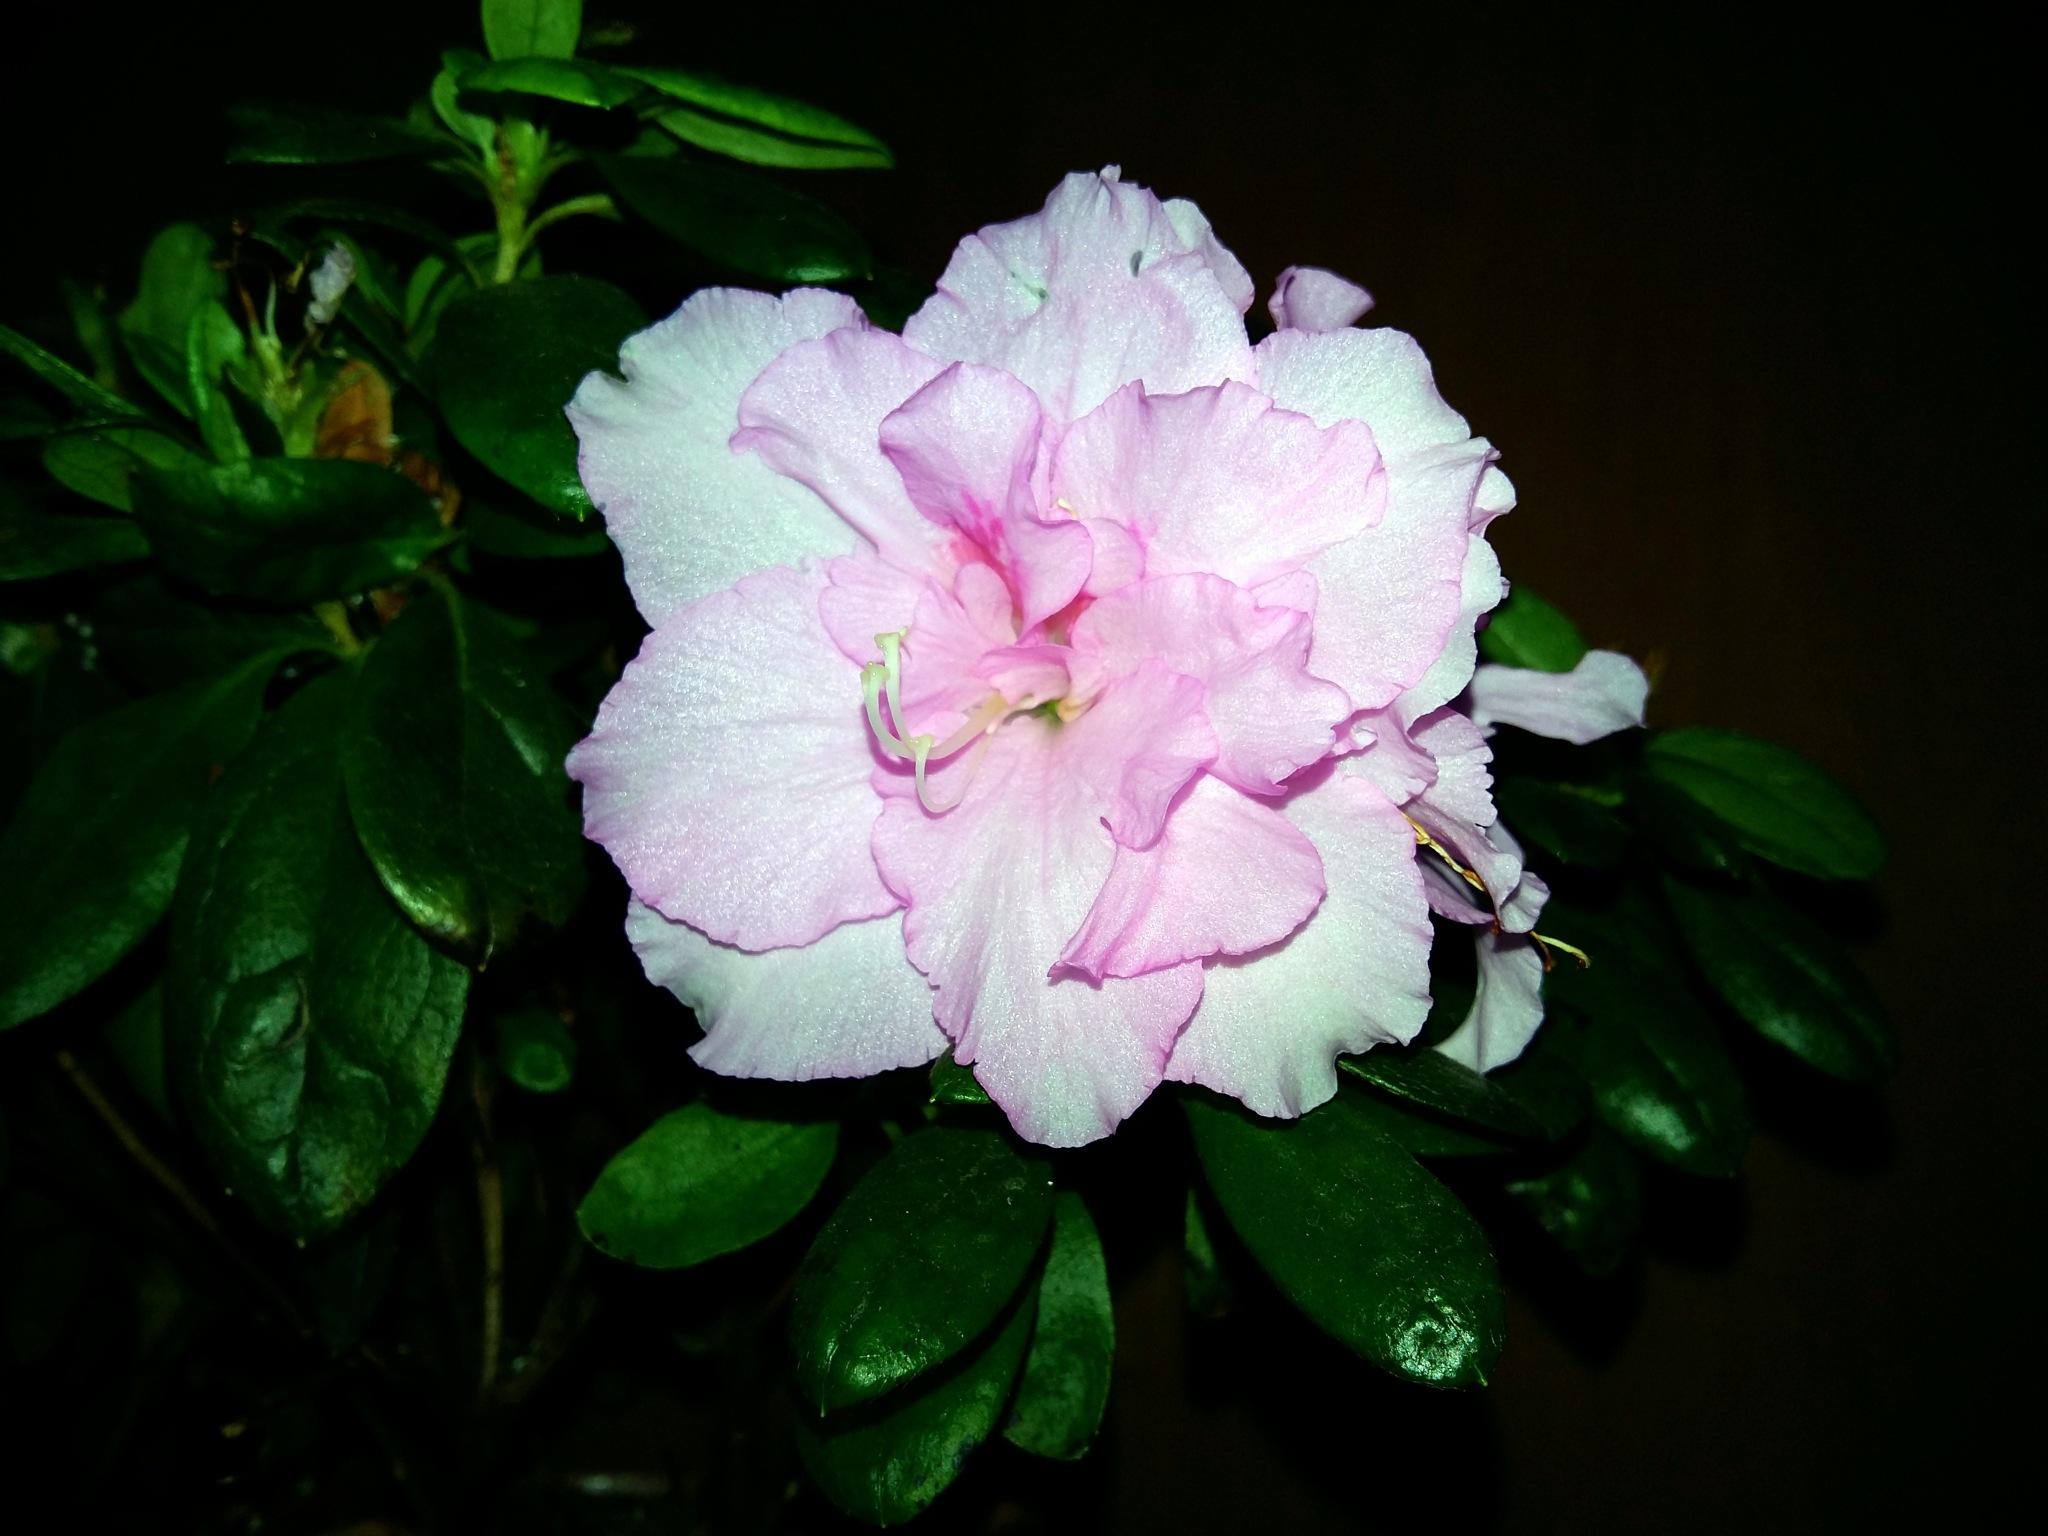 My flower by uzkuraitiene62